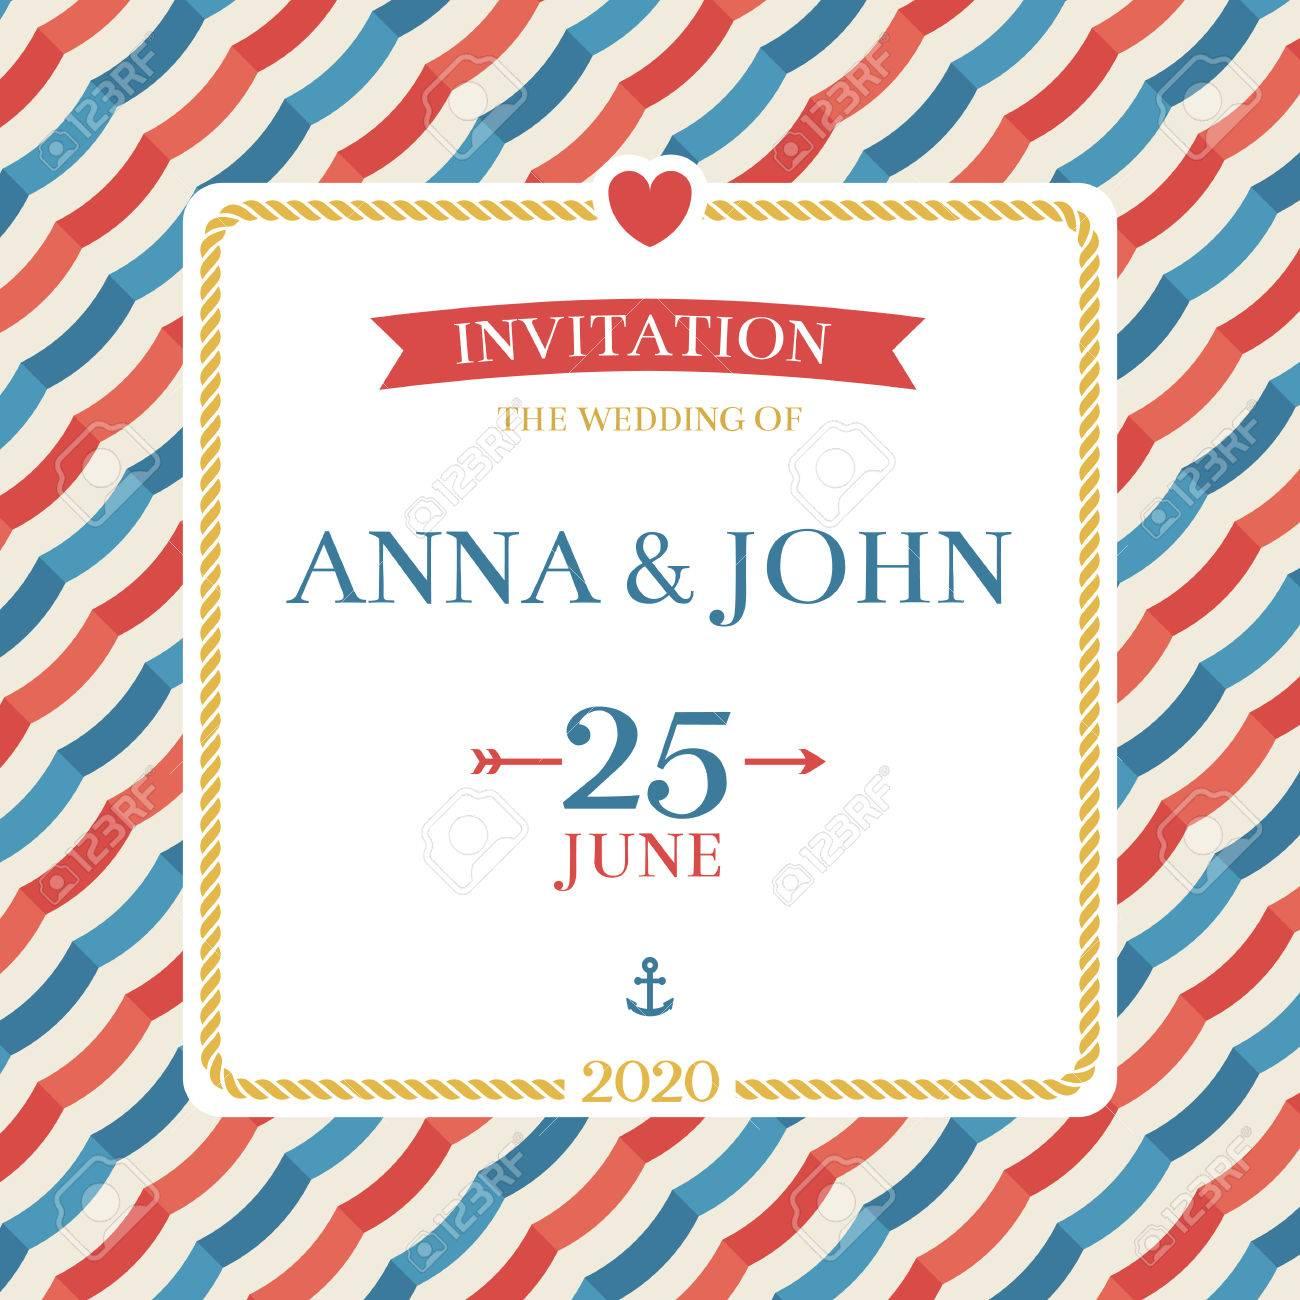 Marine Nautische Hochzeitseinladung. Anker, Streifen Und Seil Hochzeit  Einladung Kartenvorlage Für Feier, Party